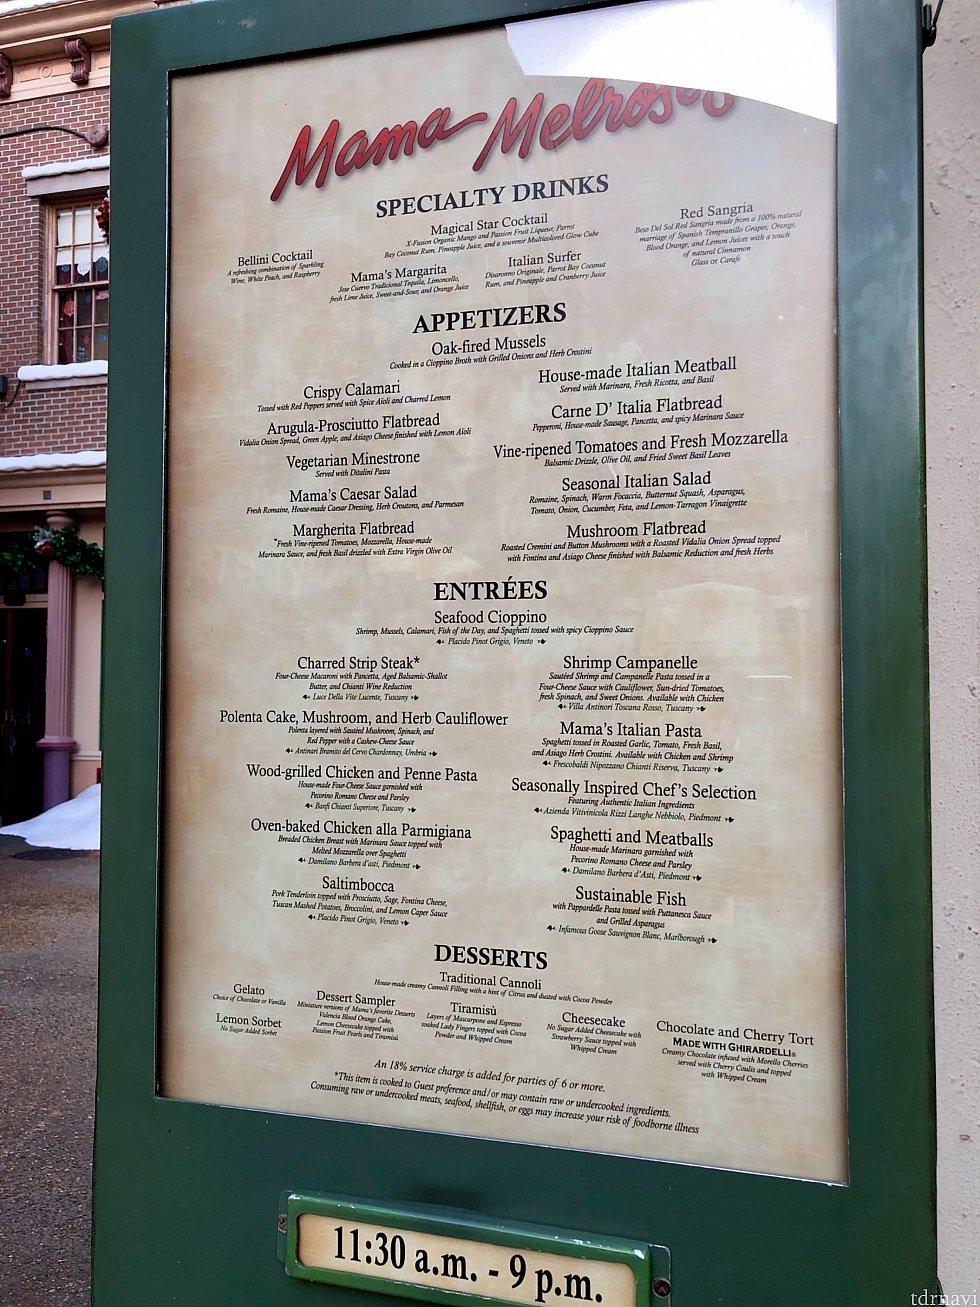 ハリウッドスタジオでの唯一のイタリアンレストラン。